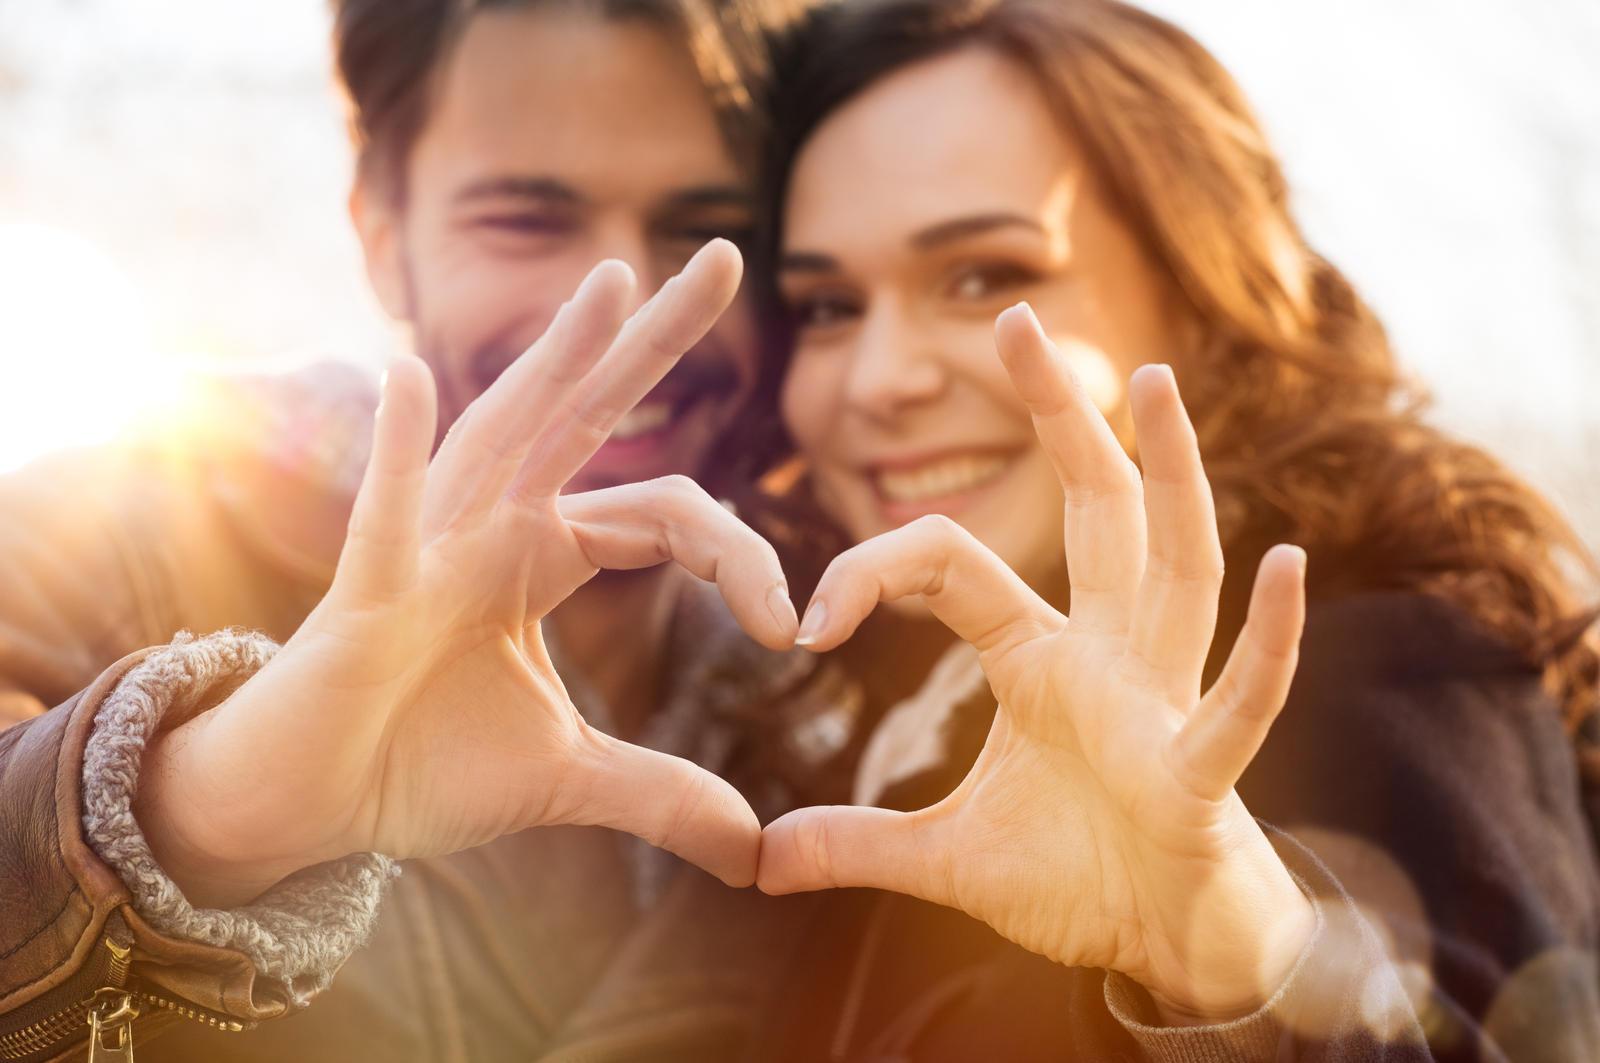 Pasaulinė širdies diena: veiksniai, didinantys širdies ligų riziką